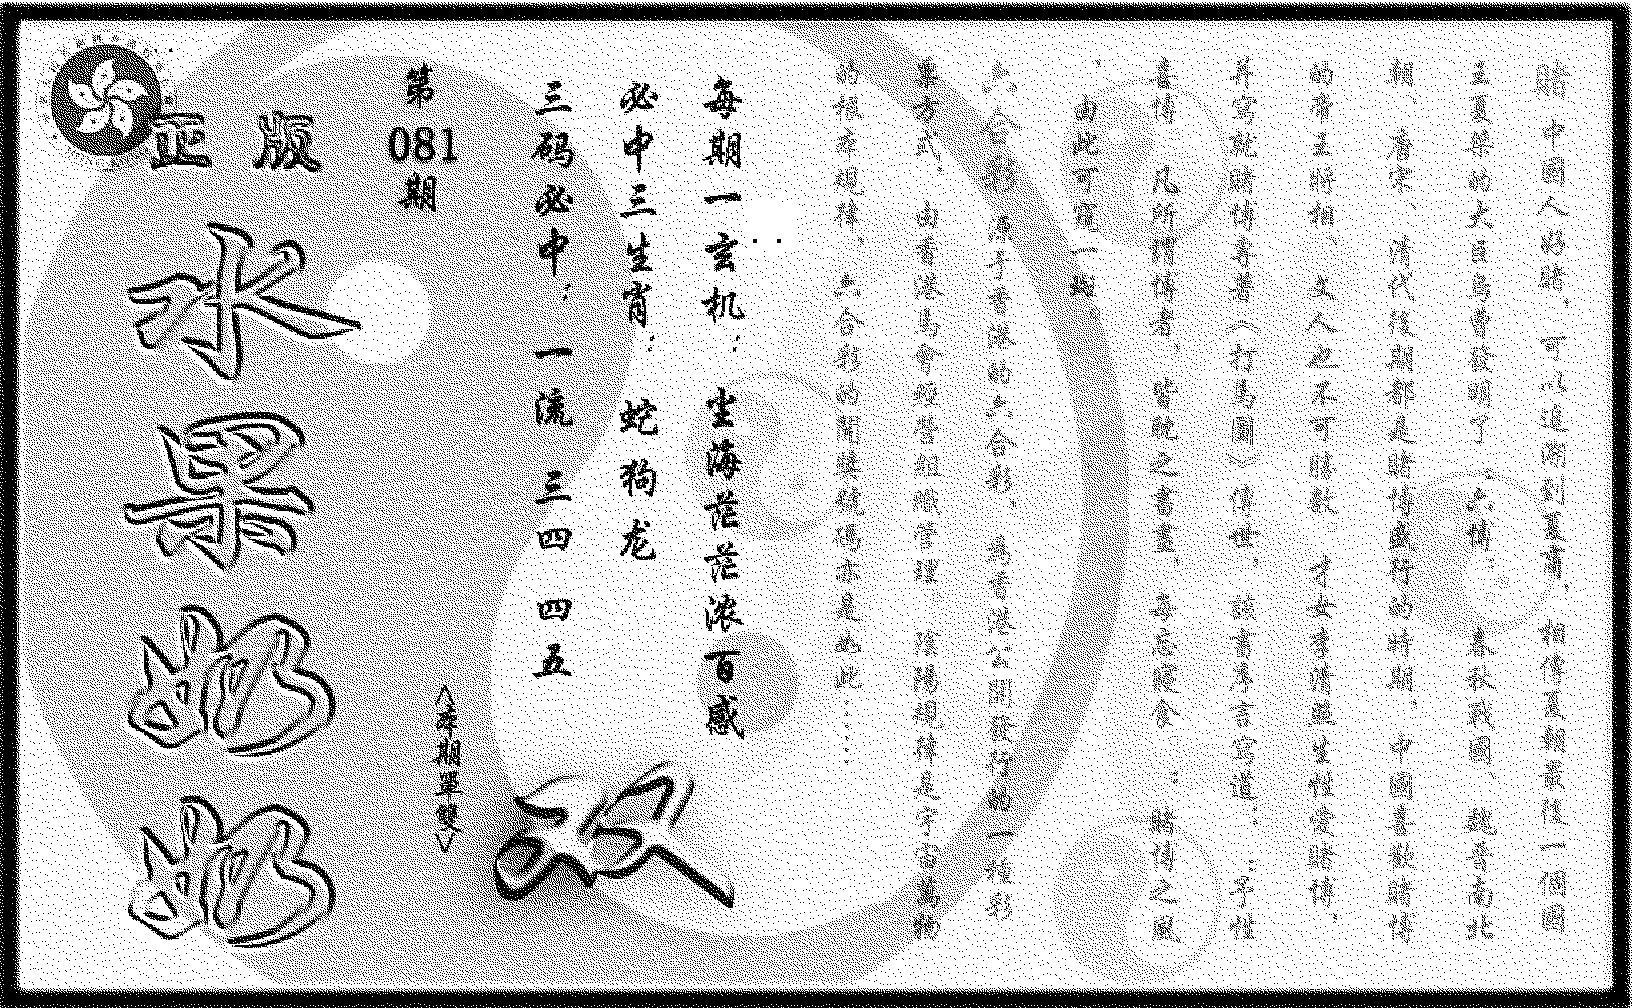 081期(九龙单双攻略)正版(黑白)